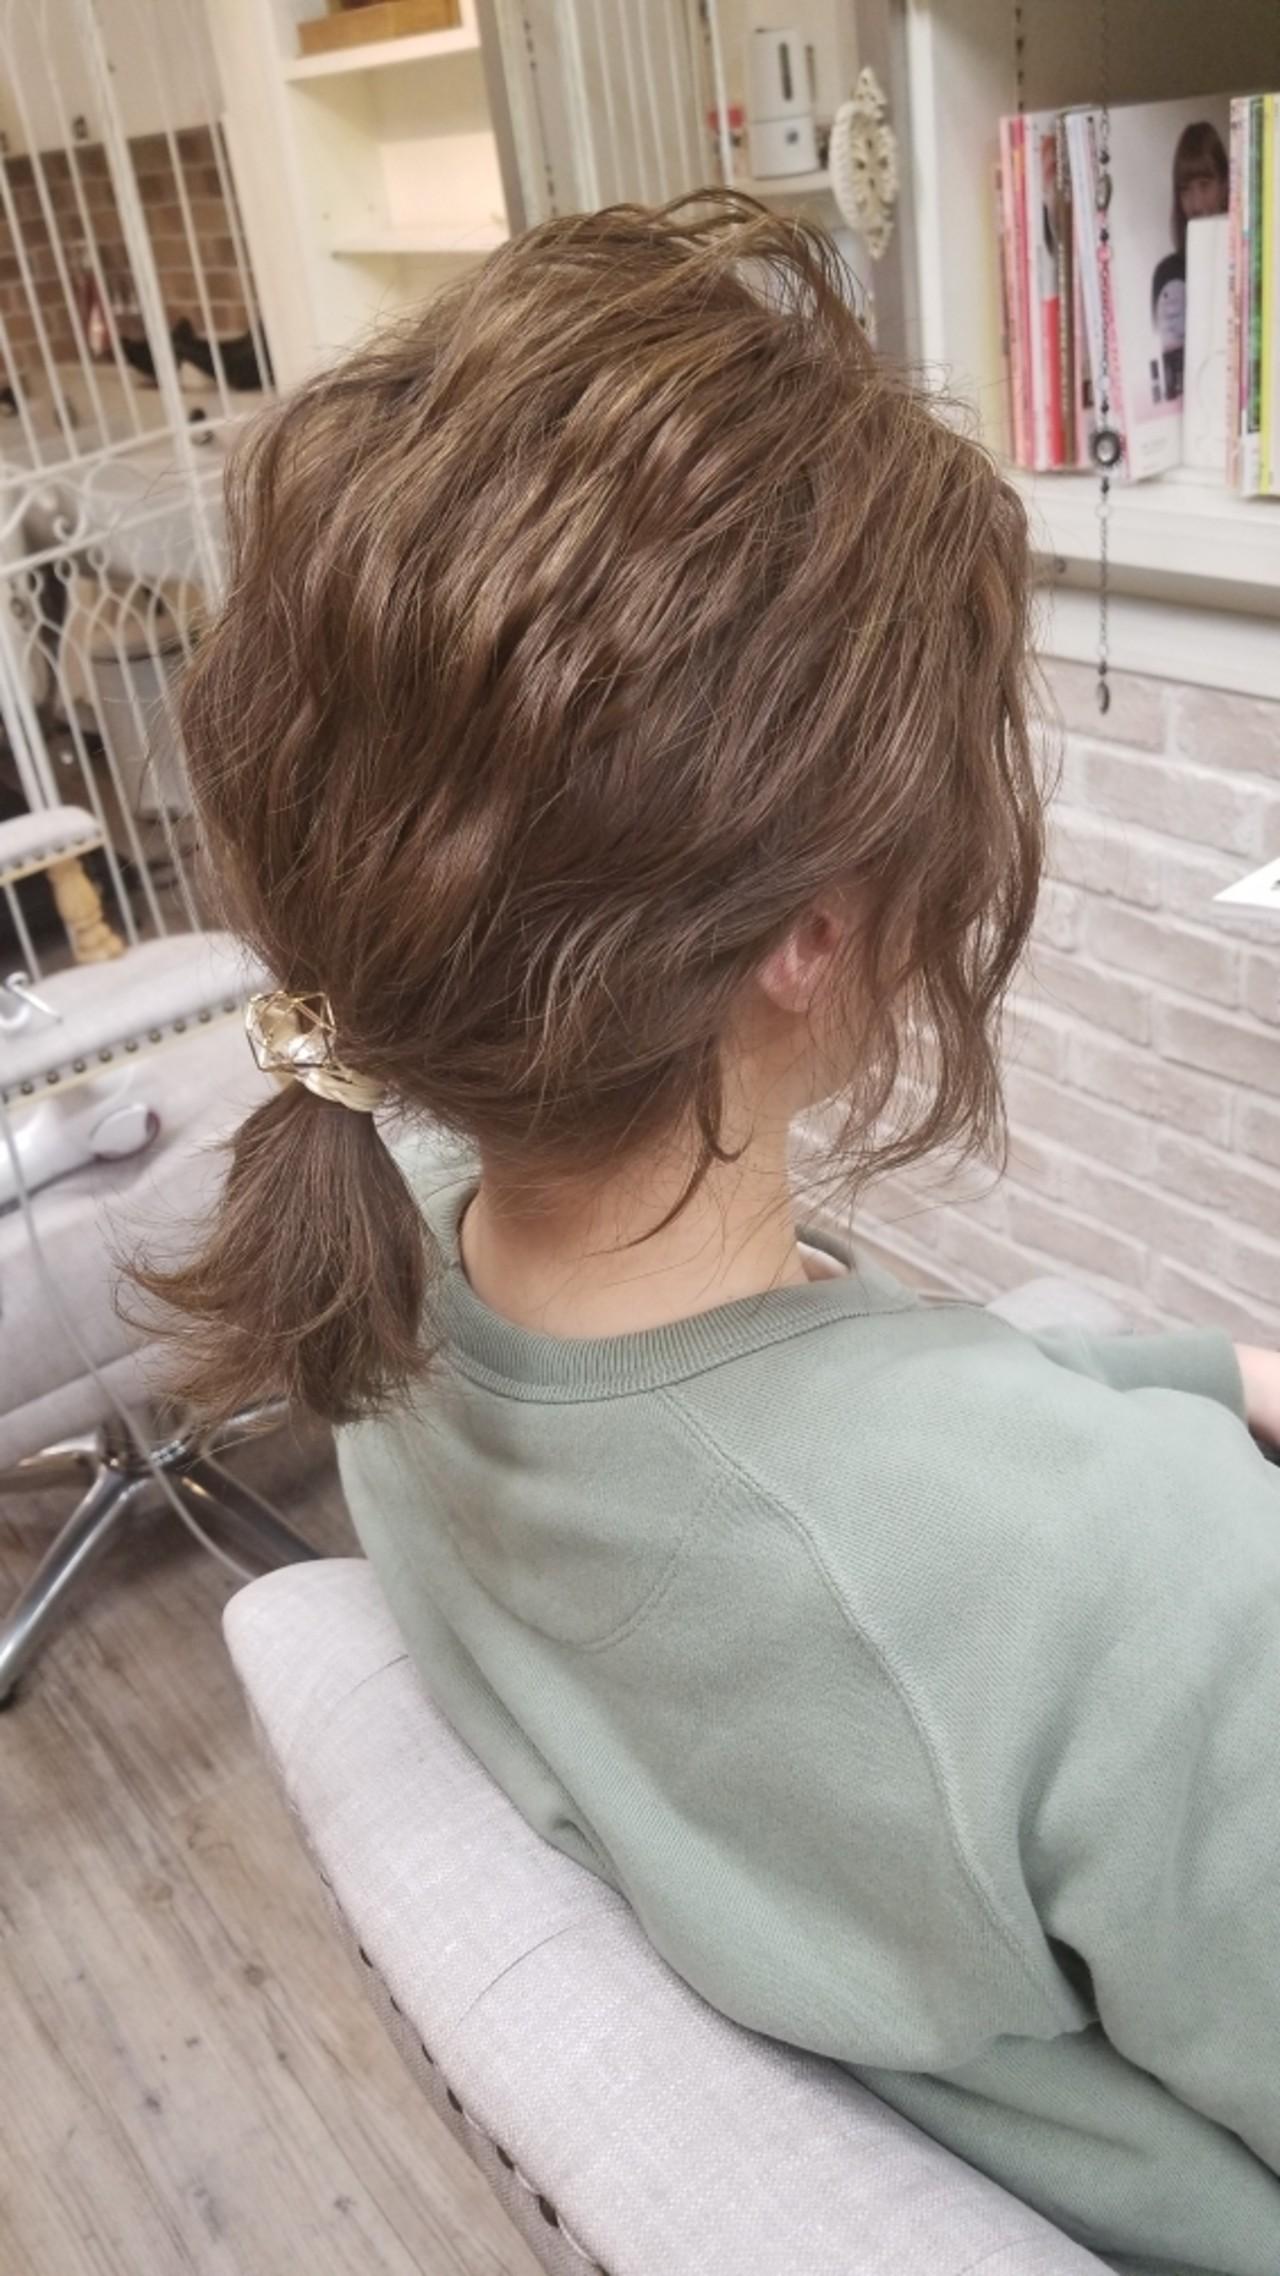 ナチュラル ショート ボブ 簡単ヘアアレンジヘアスタイルや髪型の写真・画像